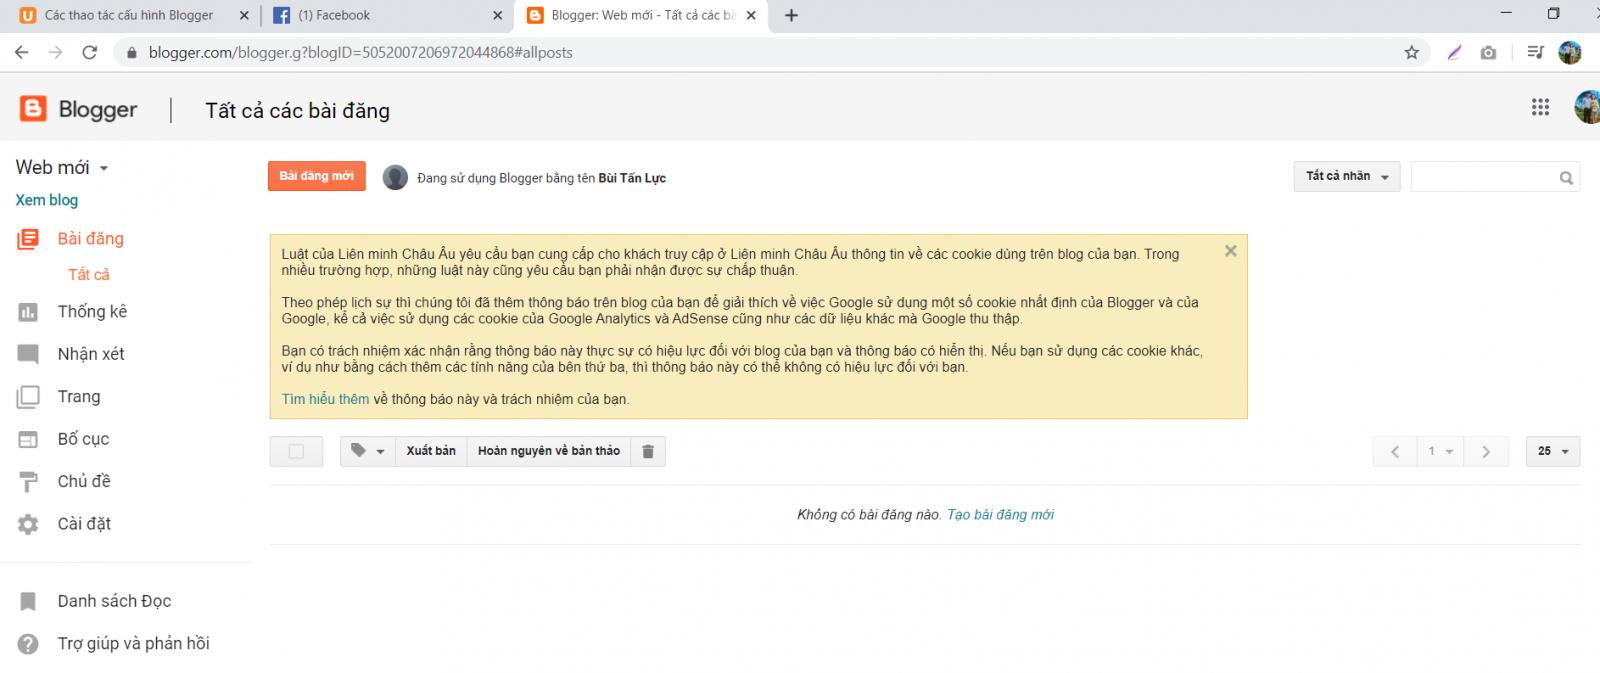 Các thao tác cấu hình bloger 5